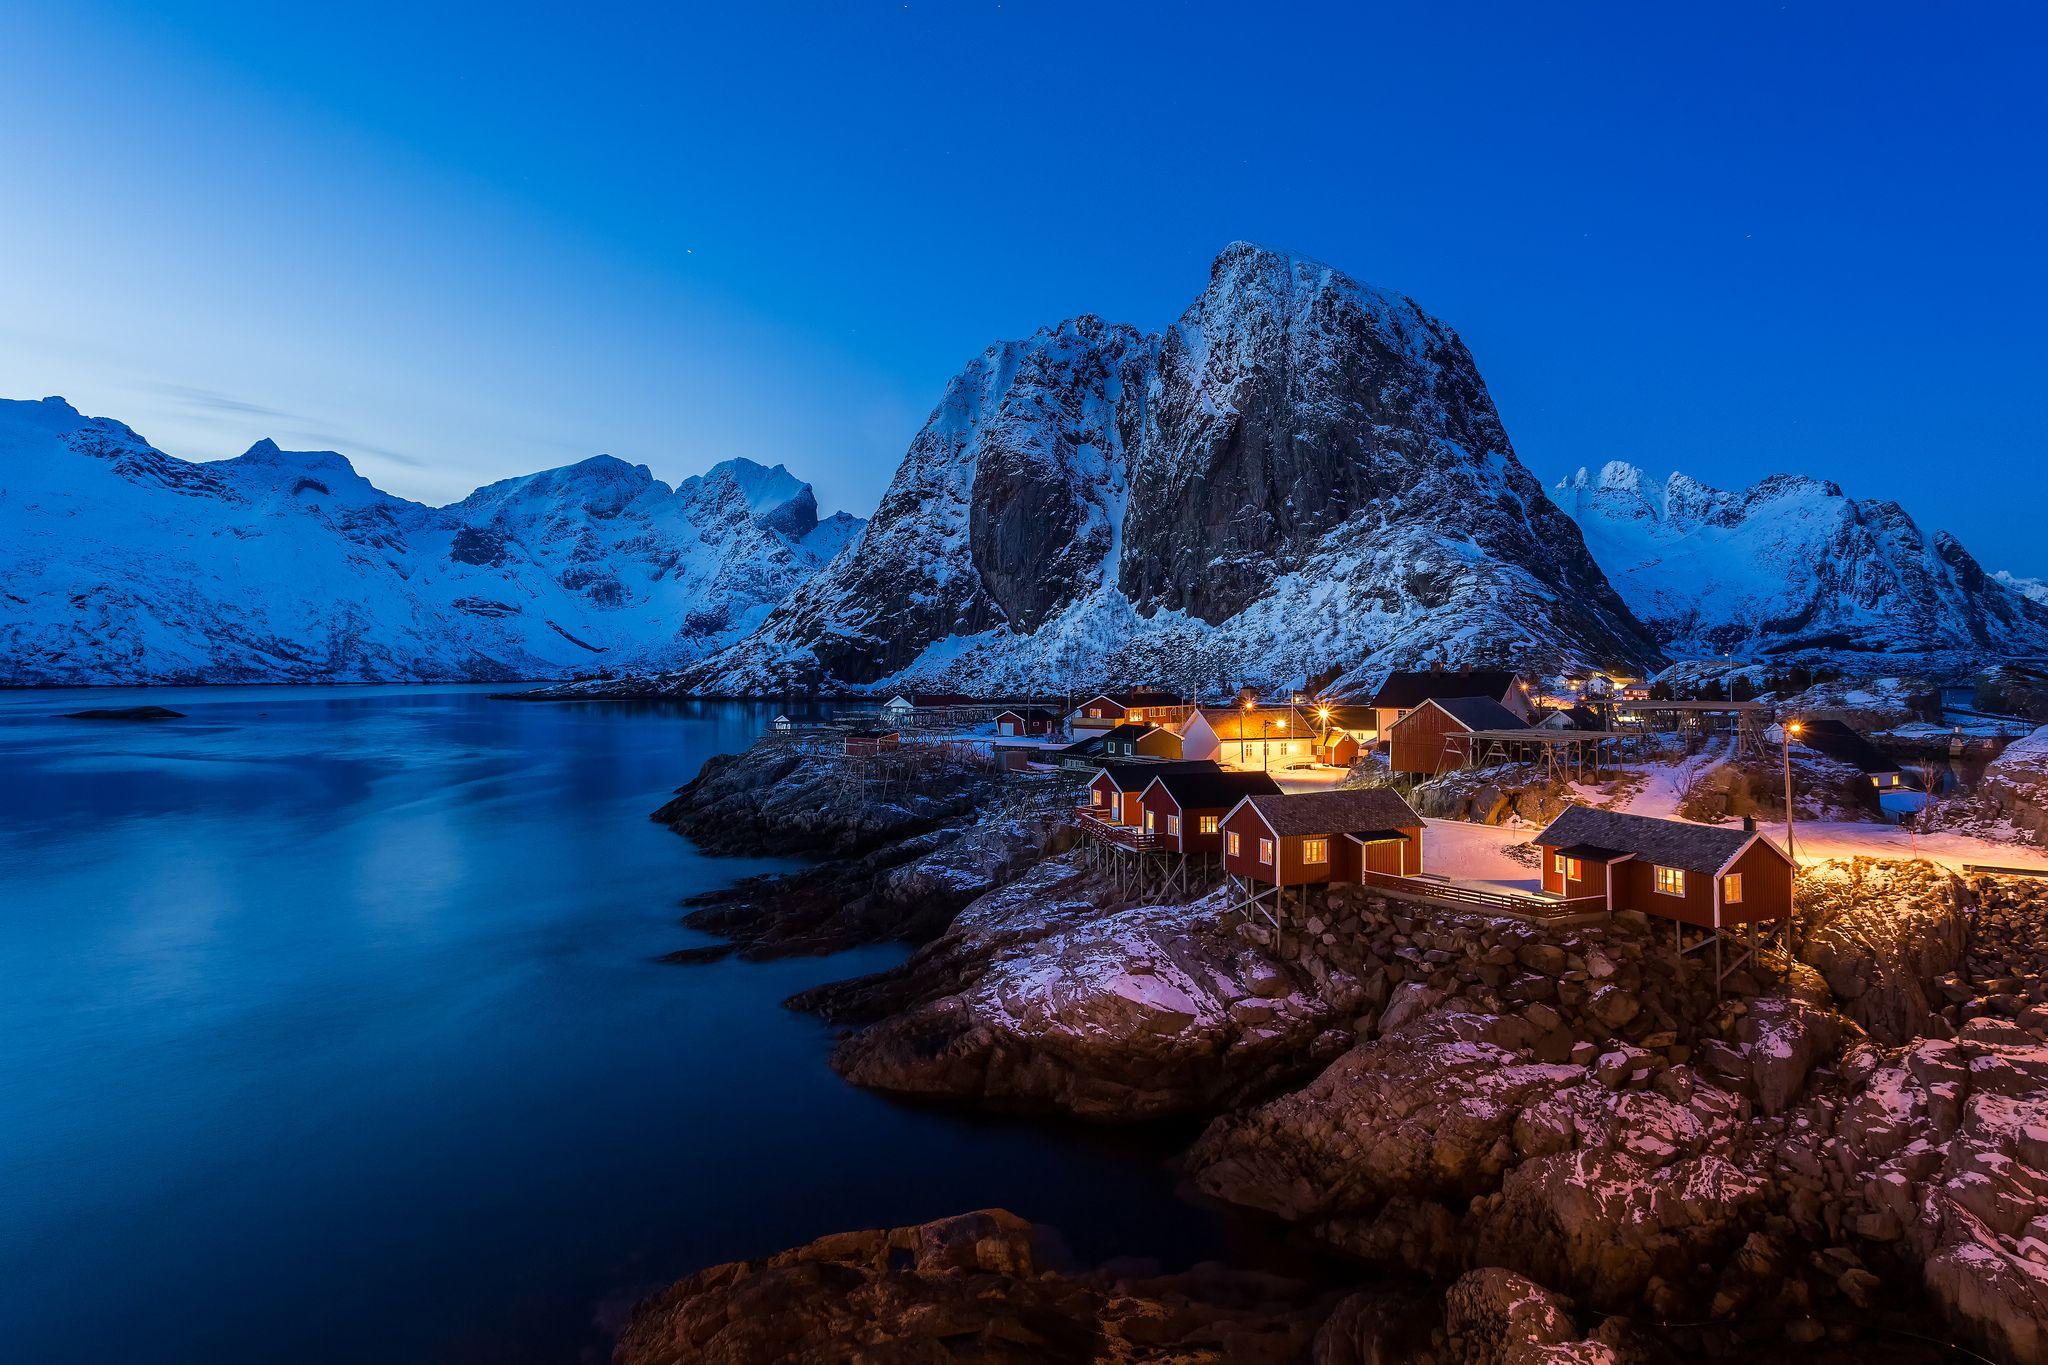 знакомств челябинской лофотенские острова зимой фото плёнка